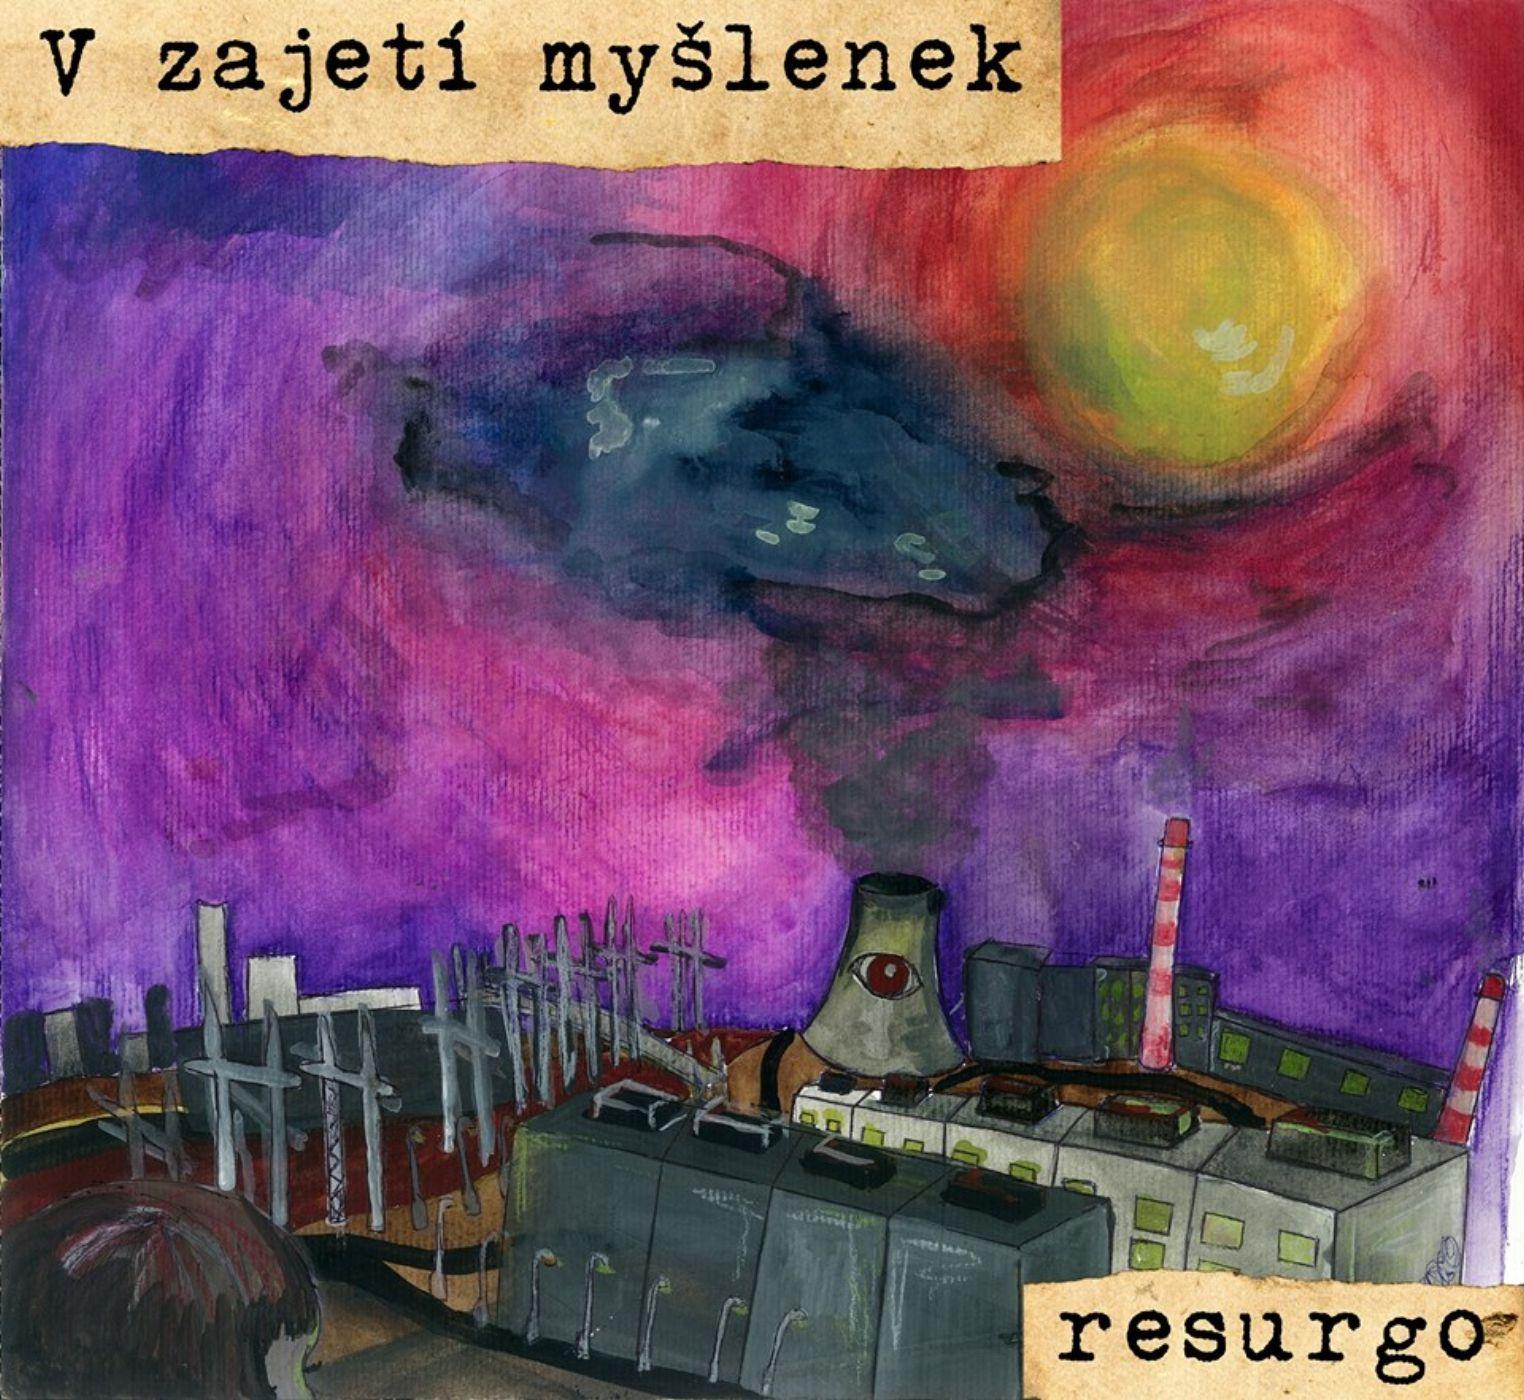 Resurgo – V zajetí myšlenek